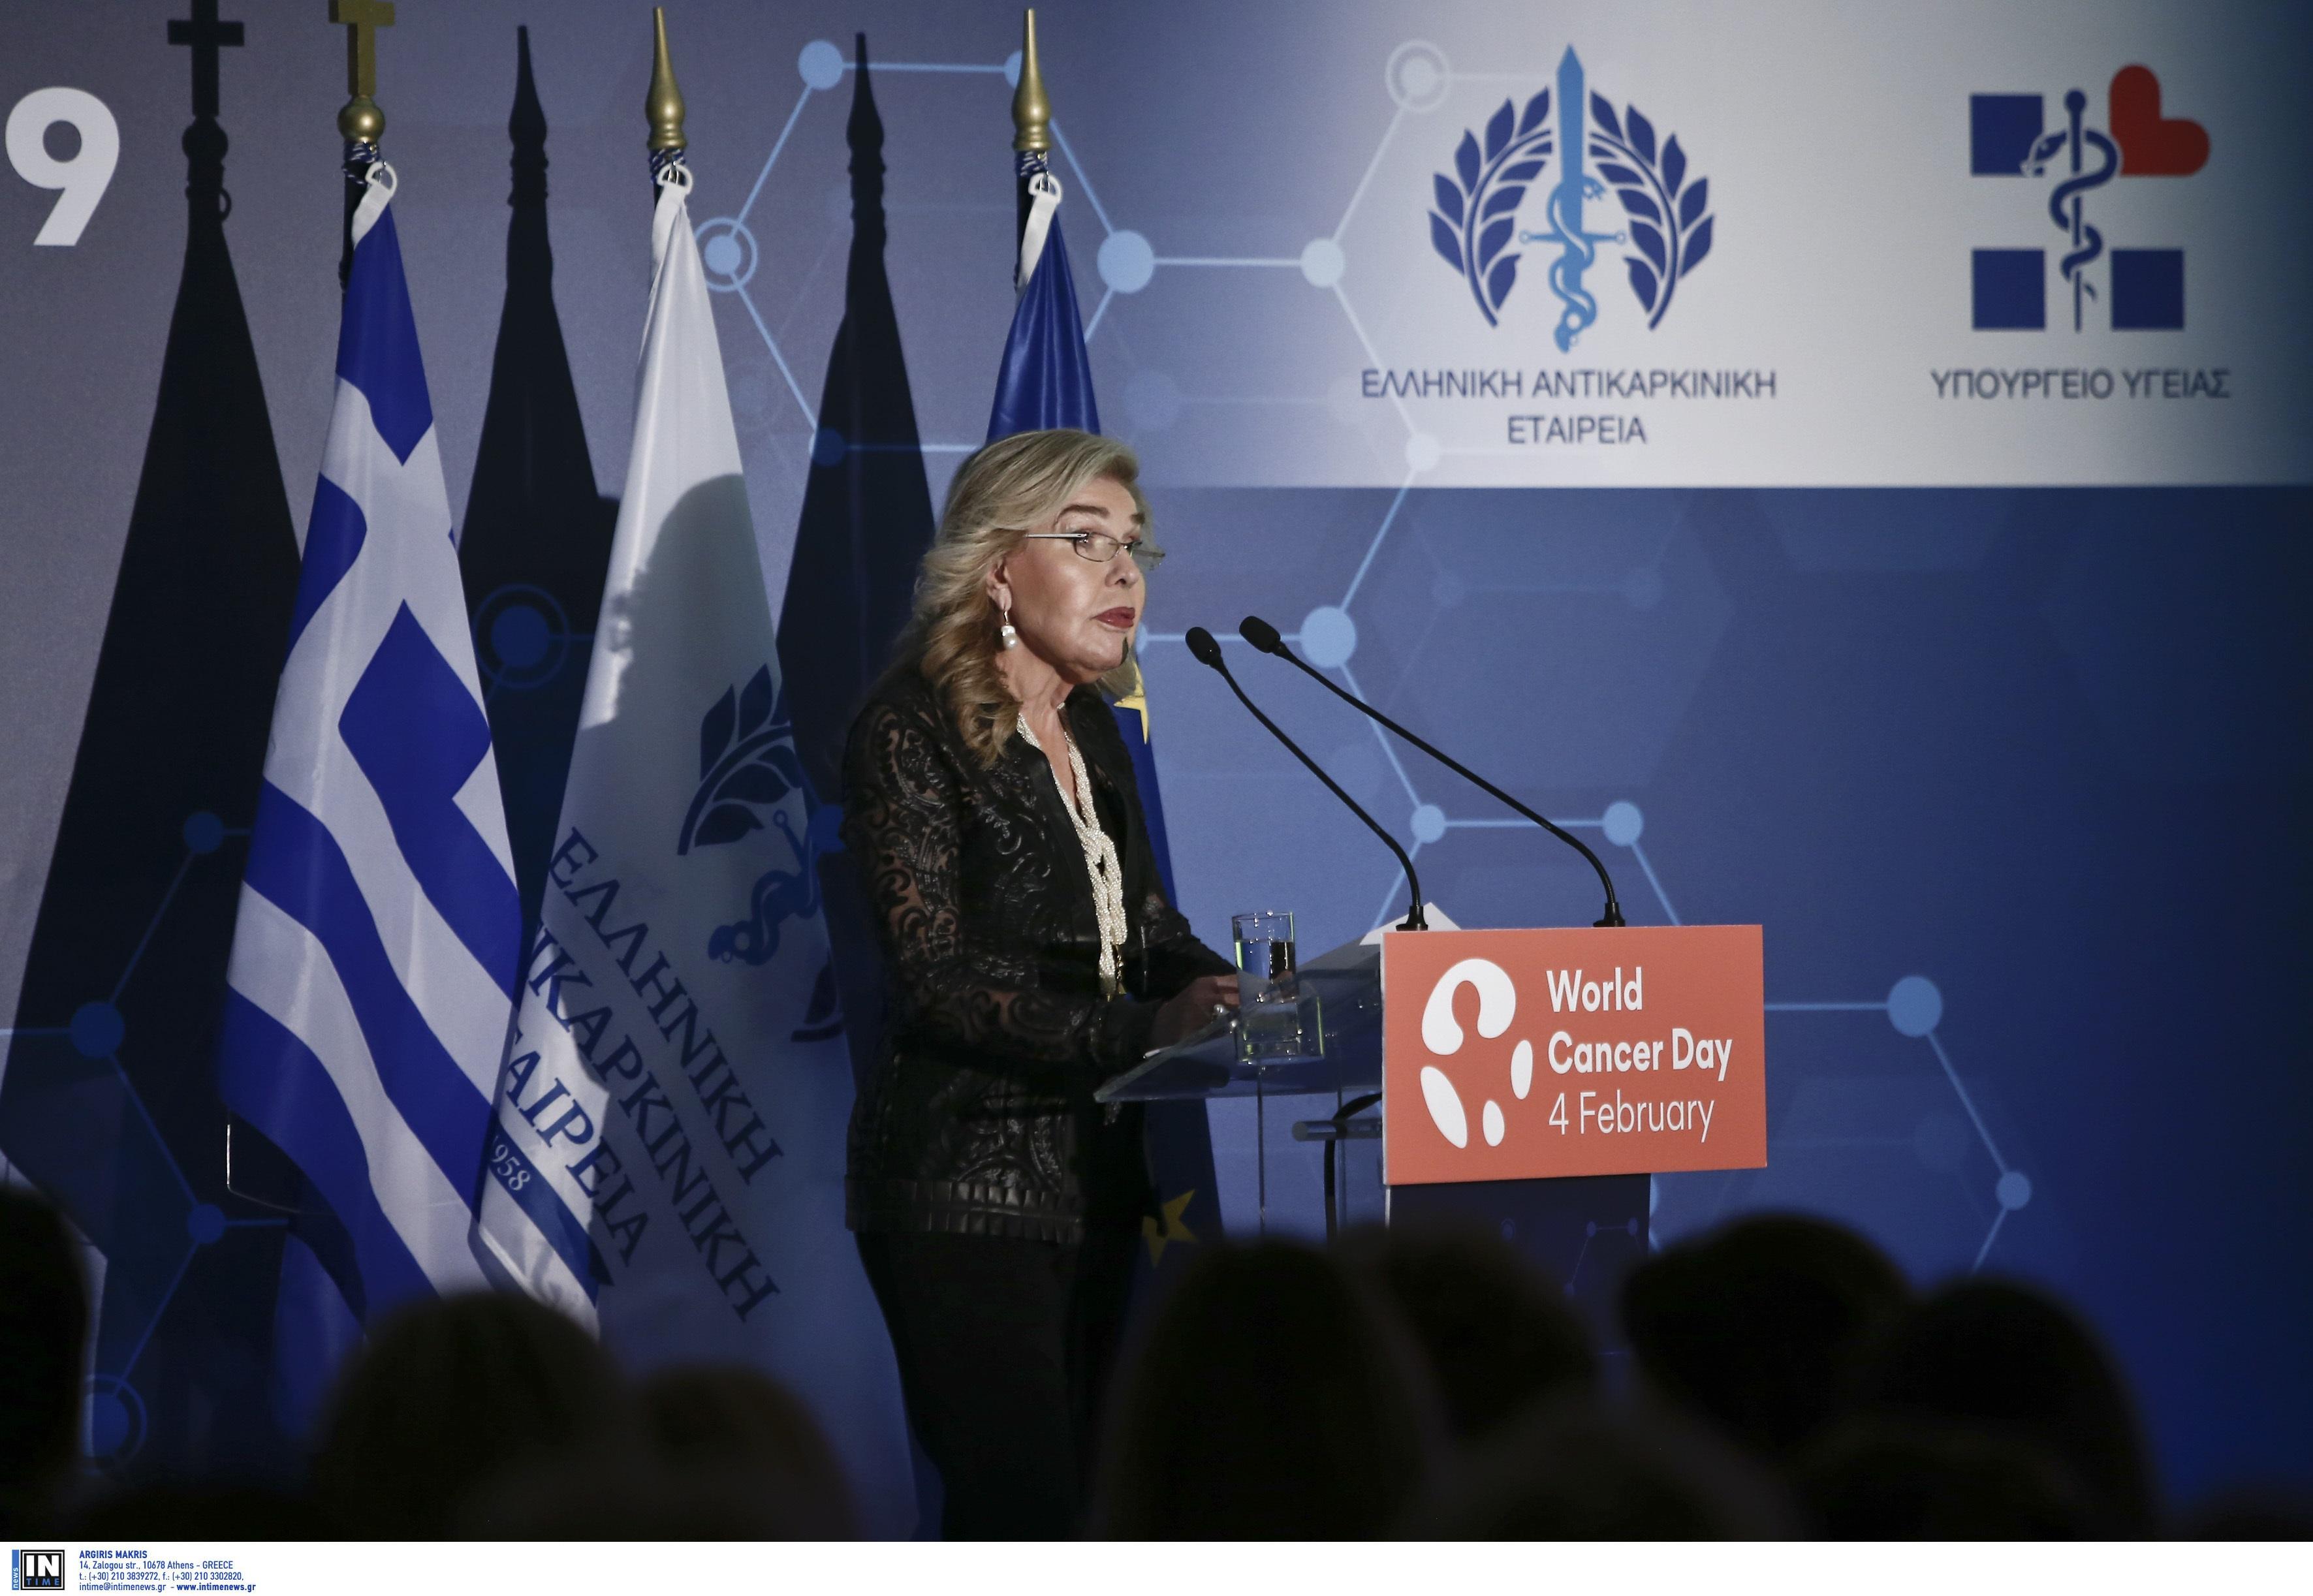 Επετειακό Έτος Θερμοπύλες, Σαλαμίνα 2020: Εκδηλώσεις του Ιδρύματος Μ. Βαρδινογιάννη και πρωτοβουλίες του ΥΠΕΣ